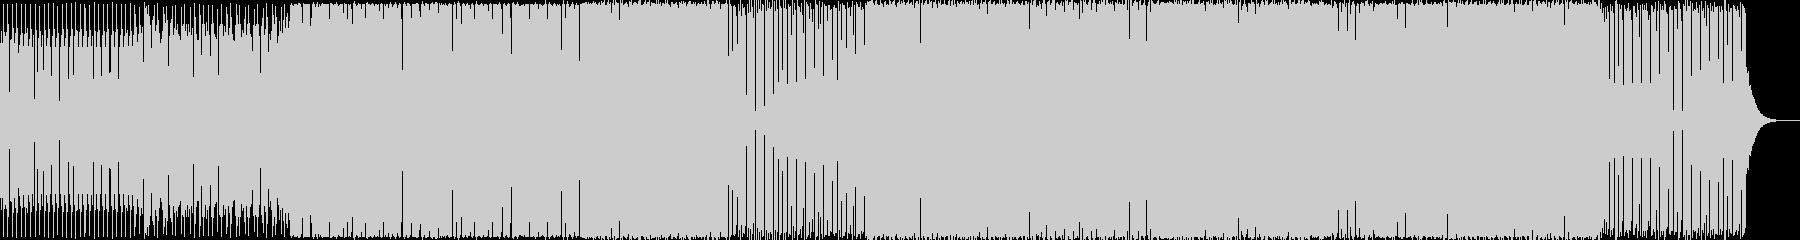 ドラムセット、エフェクト、電子パー...の未再生の波形